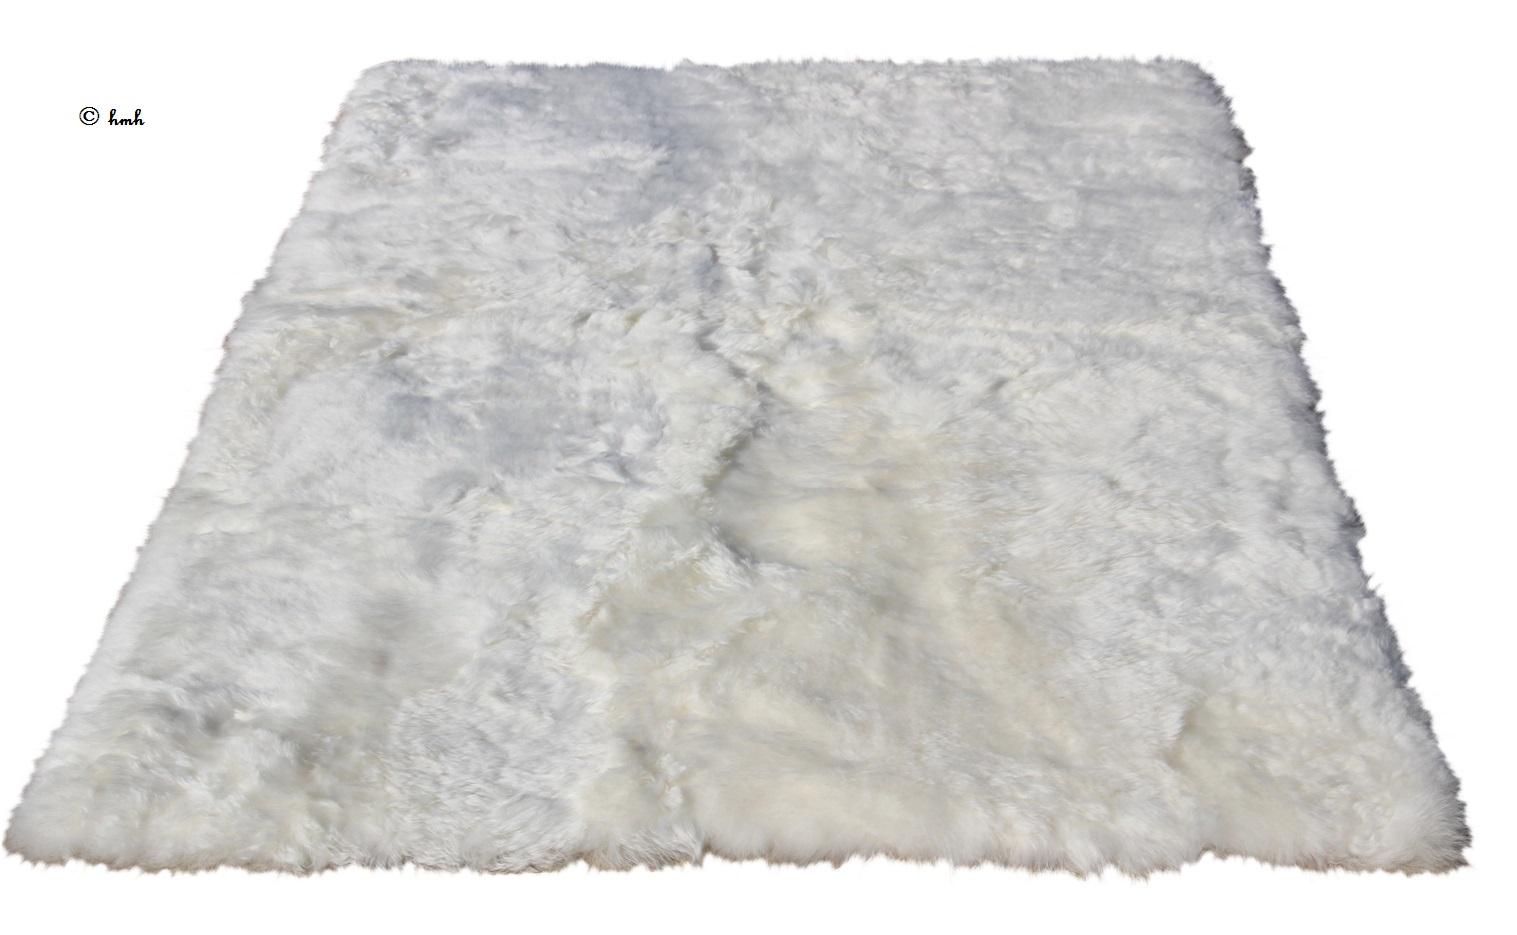 74a9fce72c72bd vloerkleed eco IJslands schapenvacht wit 160 175-110 115cm – Het ...